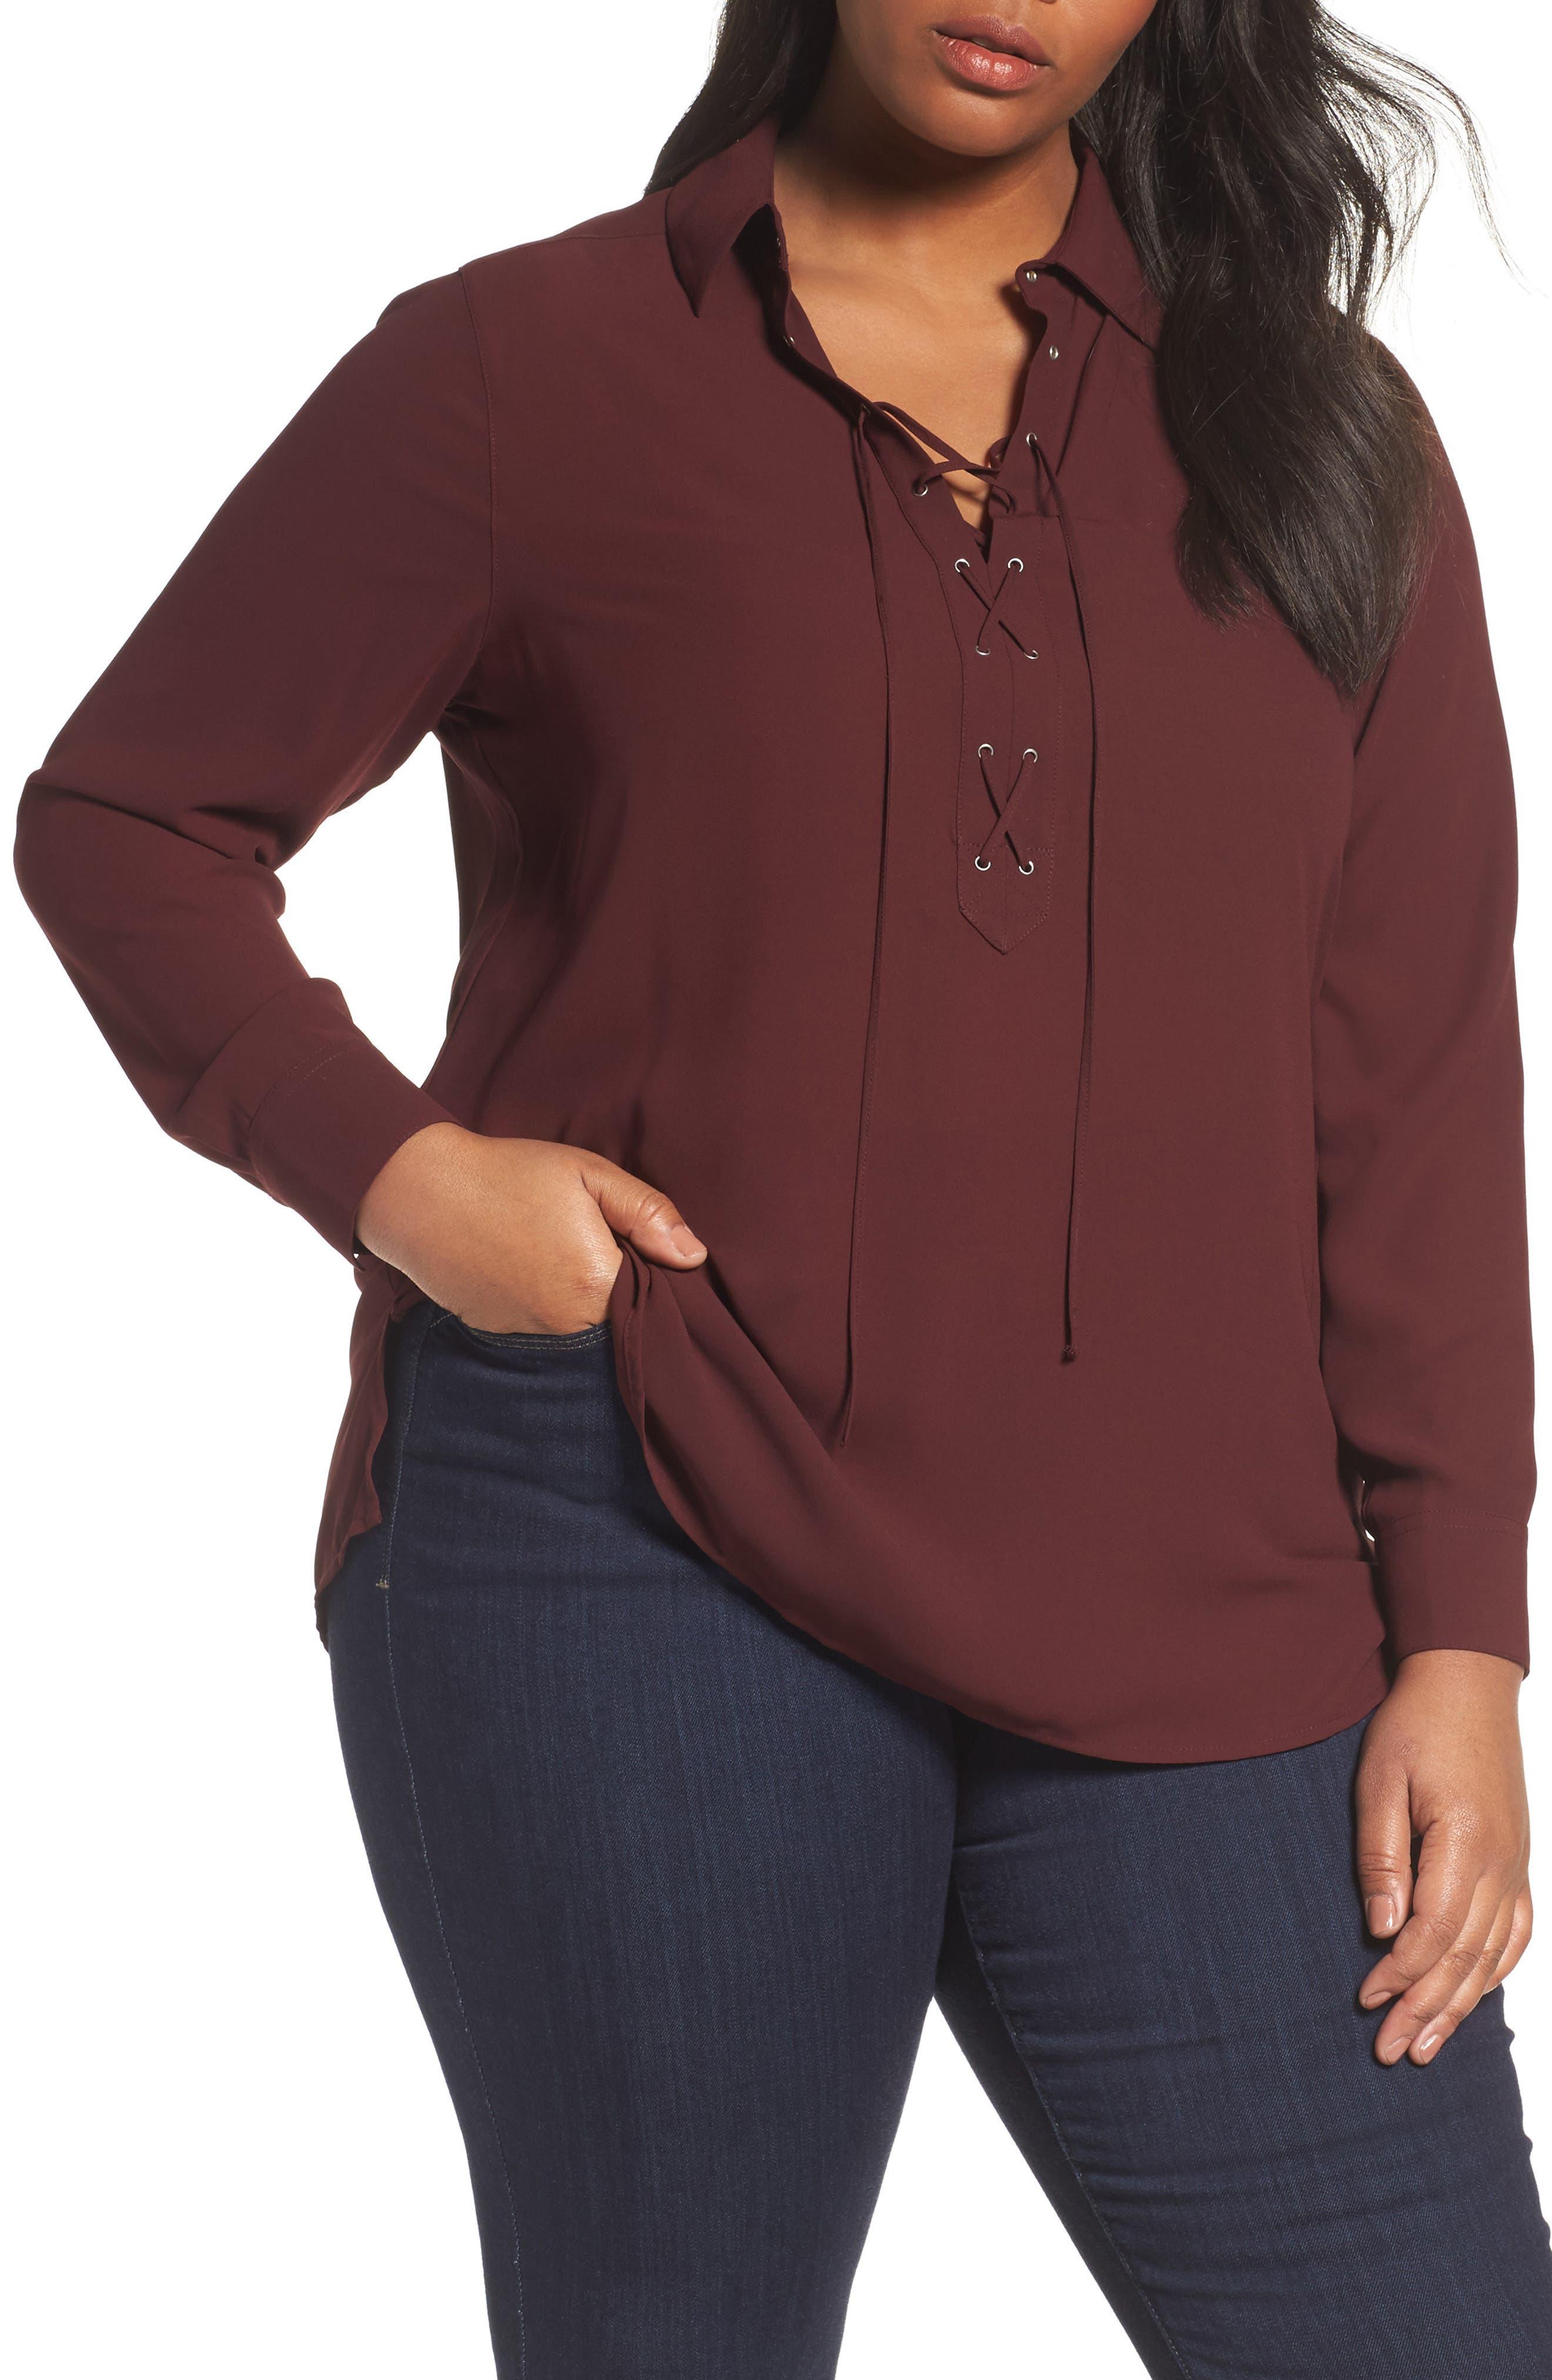 Foxcroft Lace-Up Blouse (Plus Size)